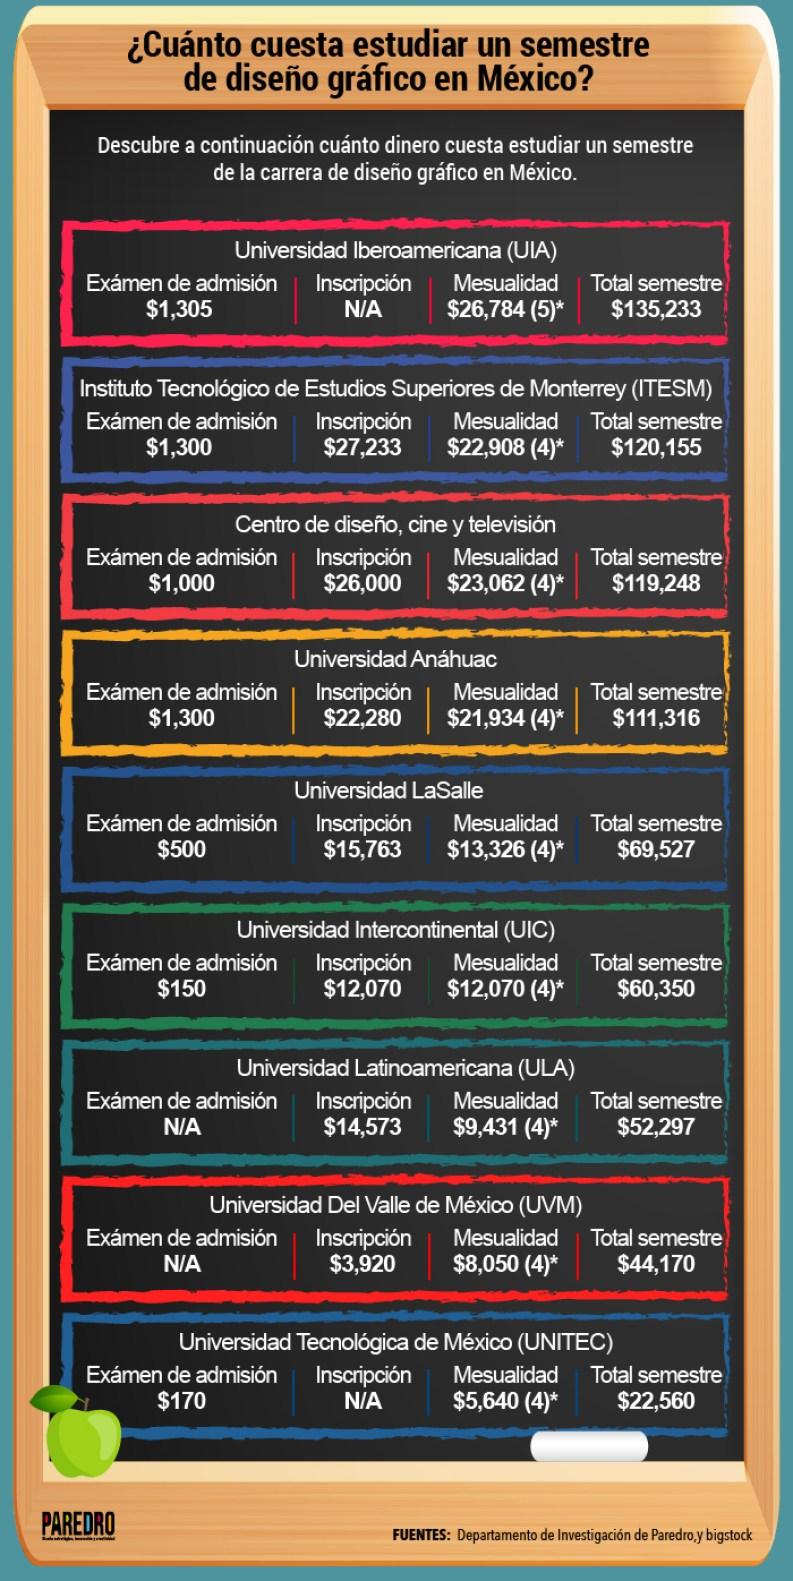 Cuánto cuesta estudiar un semestre de diseño gráfico en México